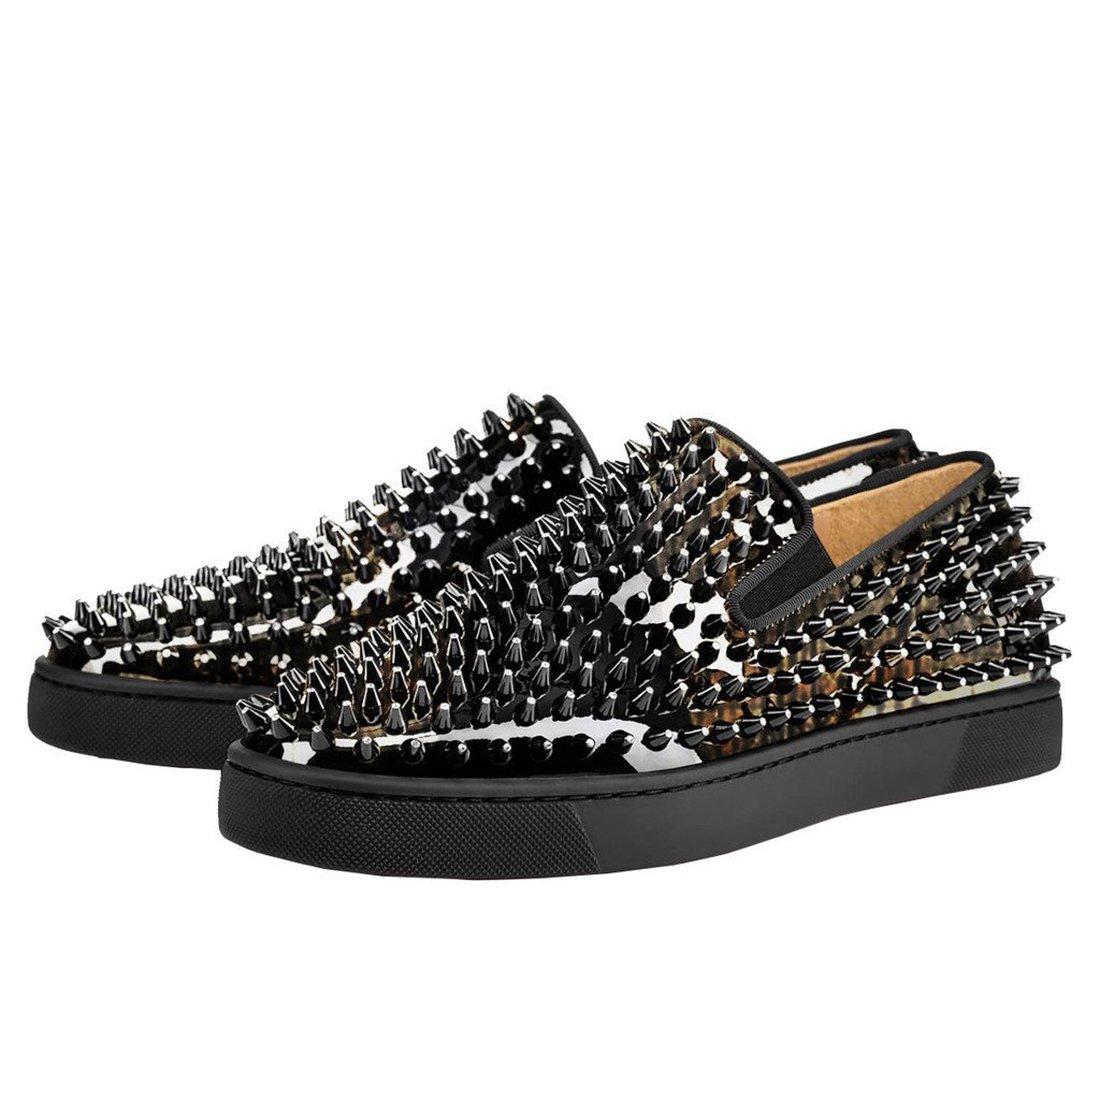 Cuckoo Spike Loafers für Männer Lackleder Slip auf Schuhe Schwarz